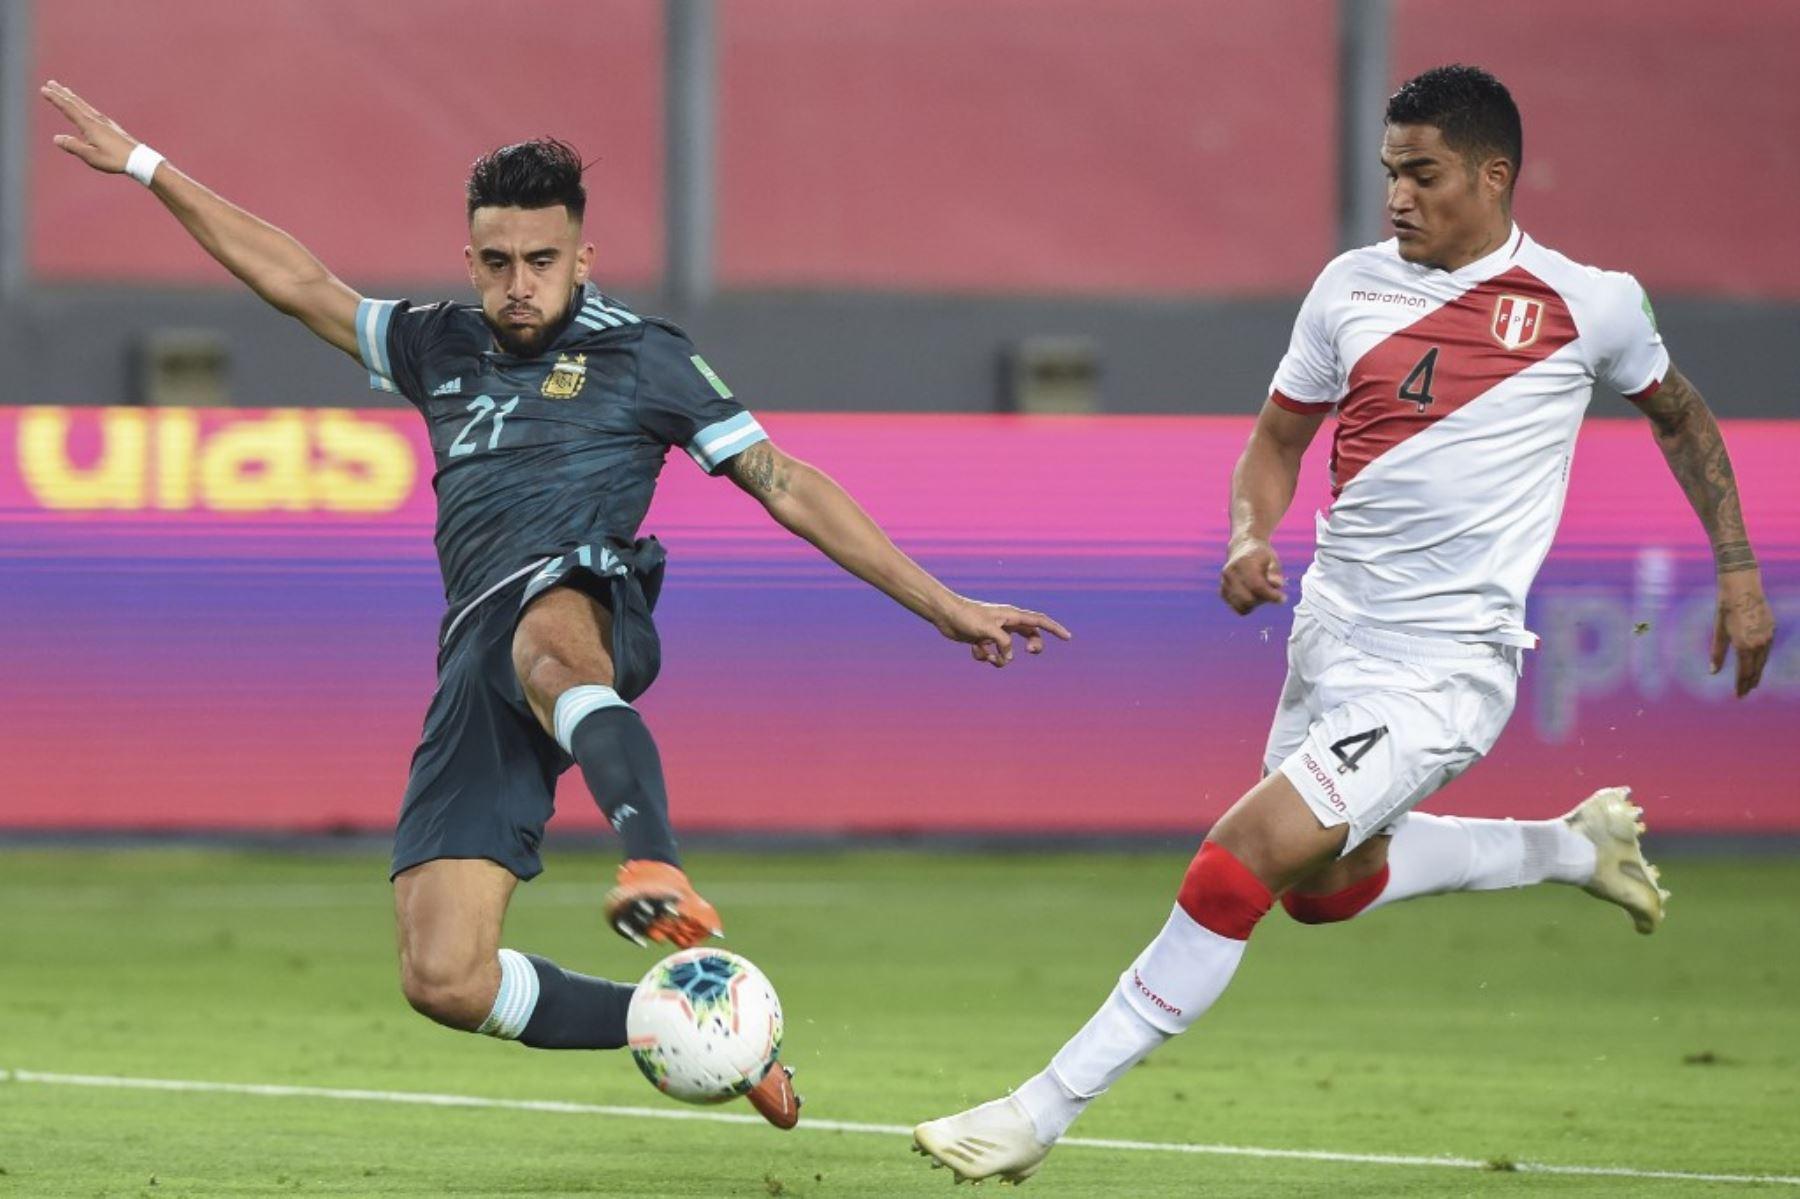 El argentino Nicolás González (izq.) Y el peruano Anderson Santamaría compiten por el balón durante su partido de fútbol a puerta cerrada clasificatorio sudamericano para la Copa Mundial de la FIFA 2022 en el Estadio Nacional de Lima. Foto: AFP